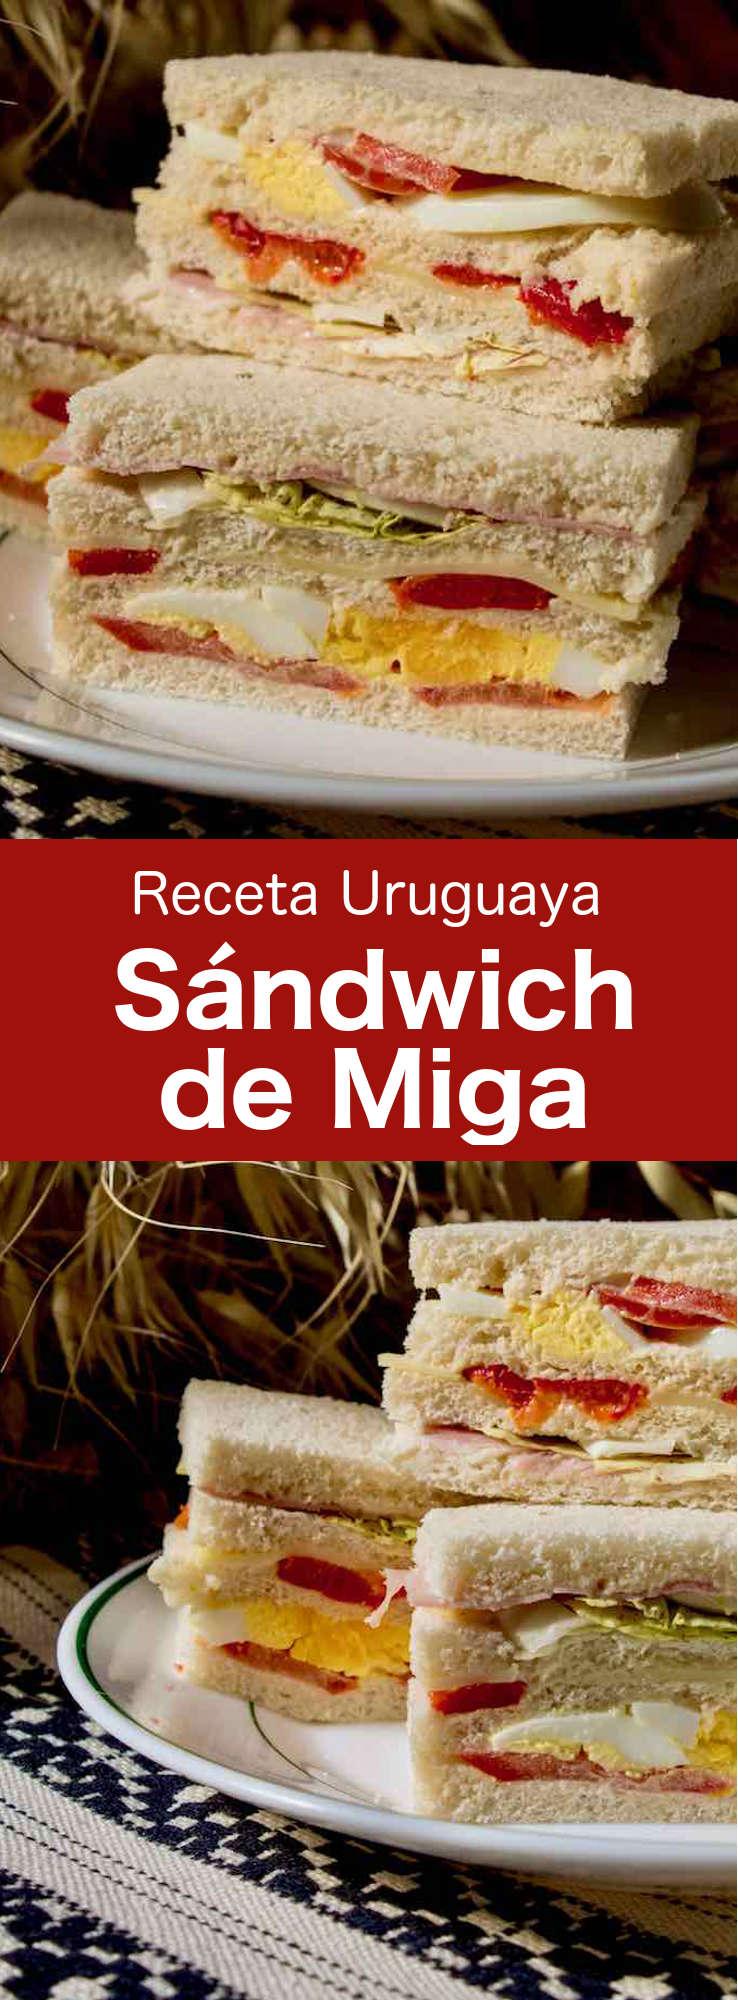 El sándwich de miga (o sándwich olímpico) es un delicioso sándwich de múltiples capas muy popular en Uruguay, Argentina y Chile.